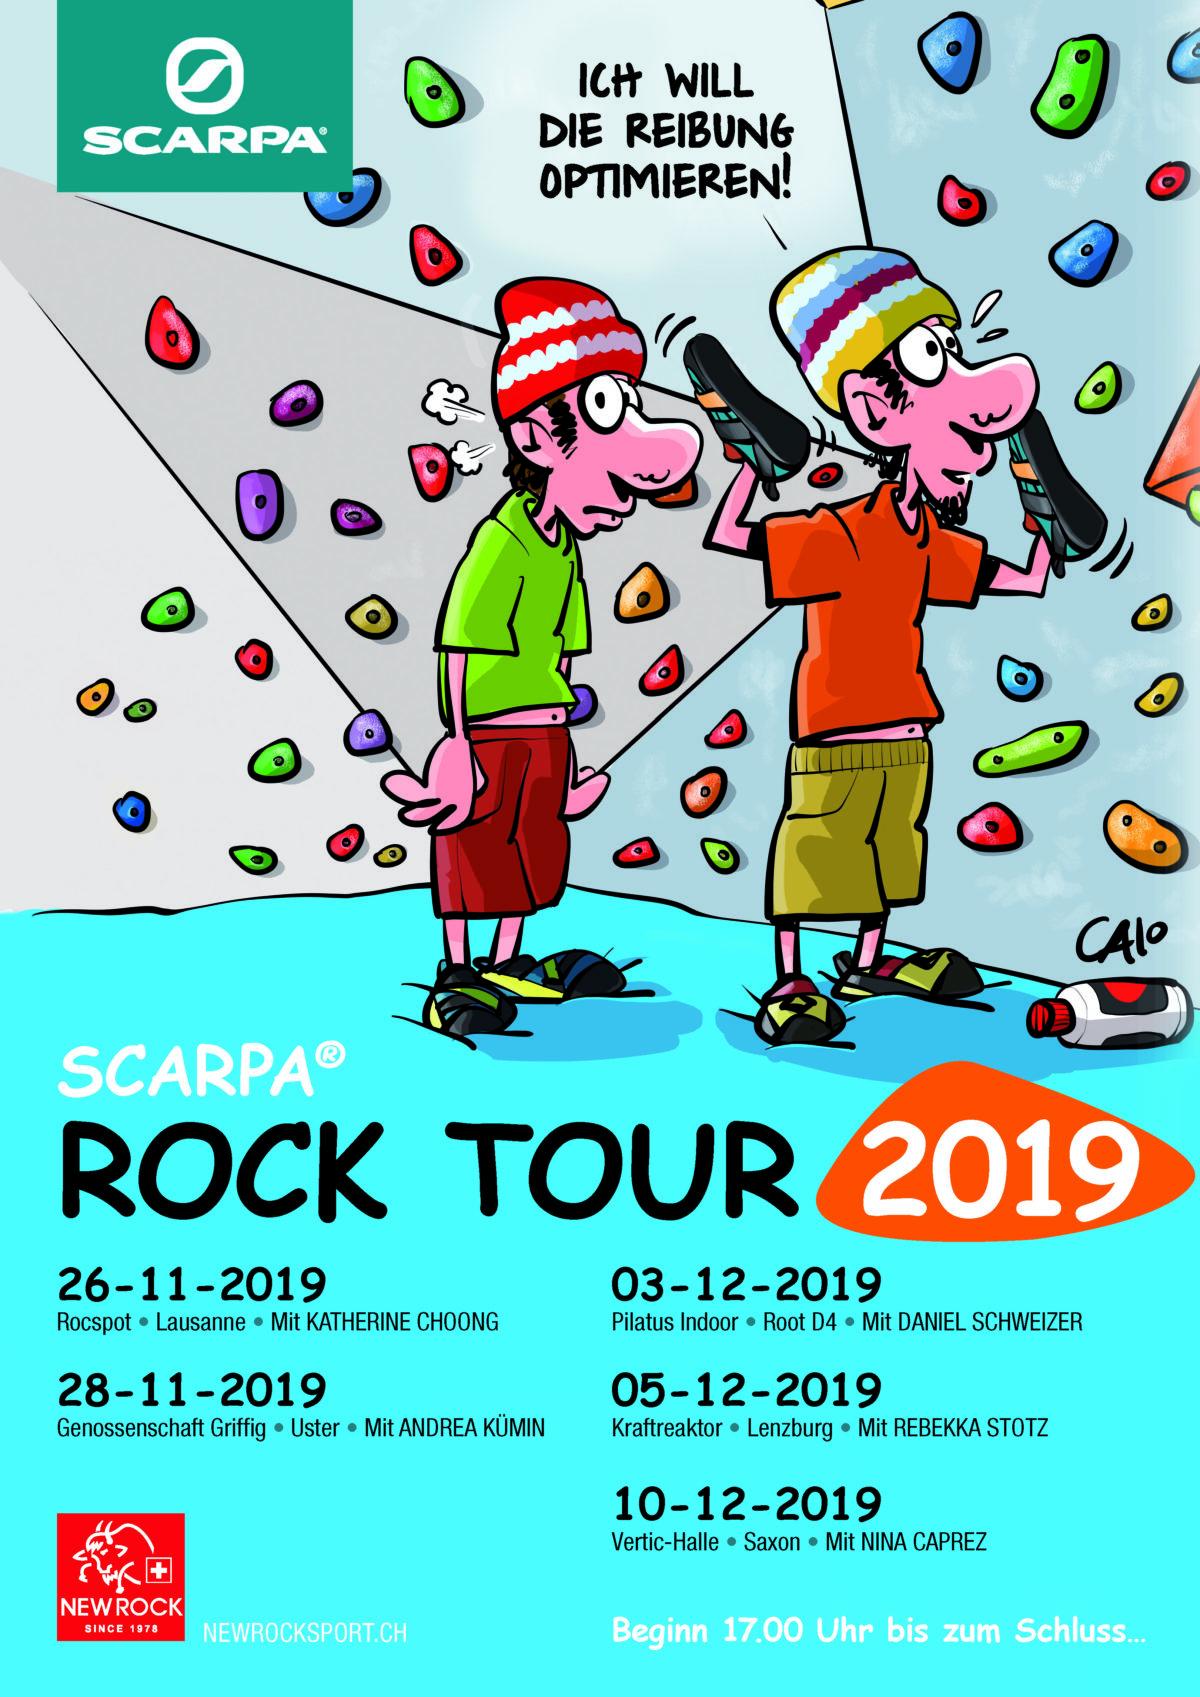 Scarpa Rock Tour